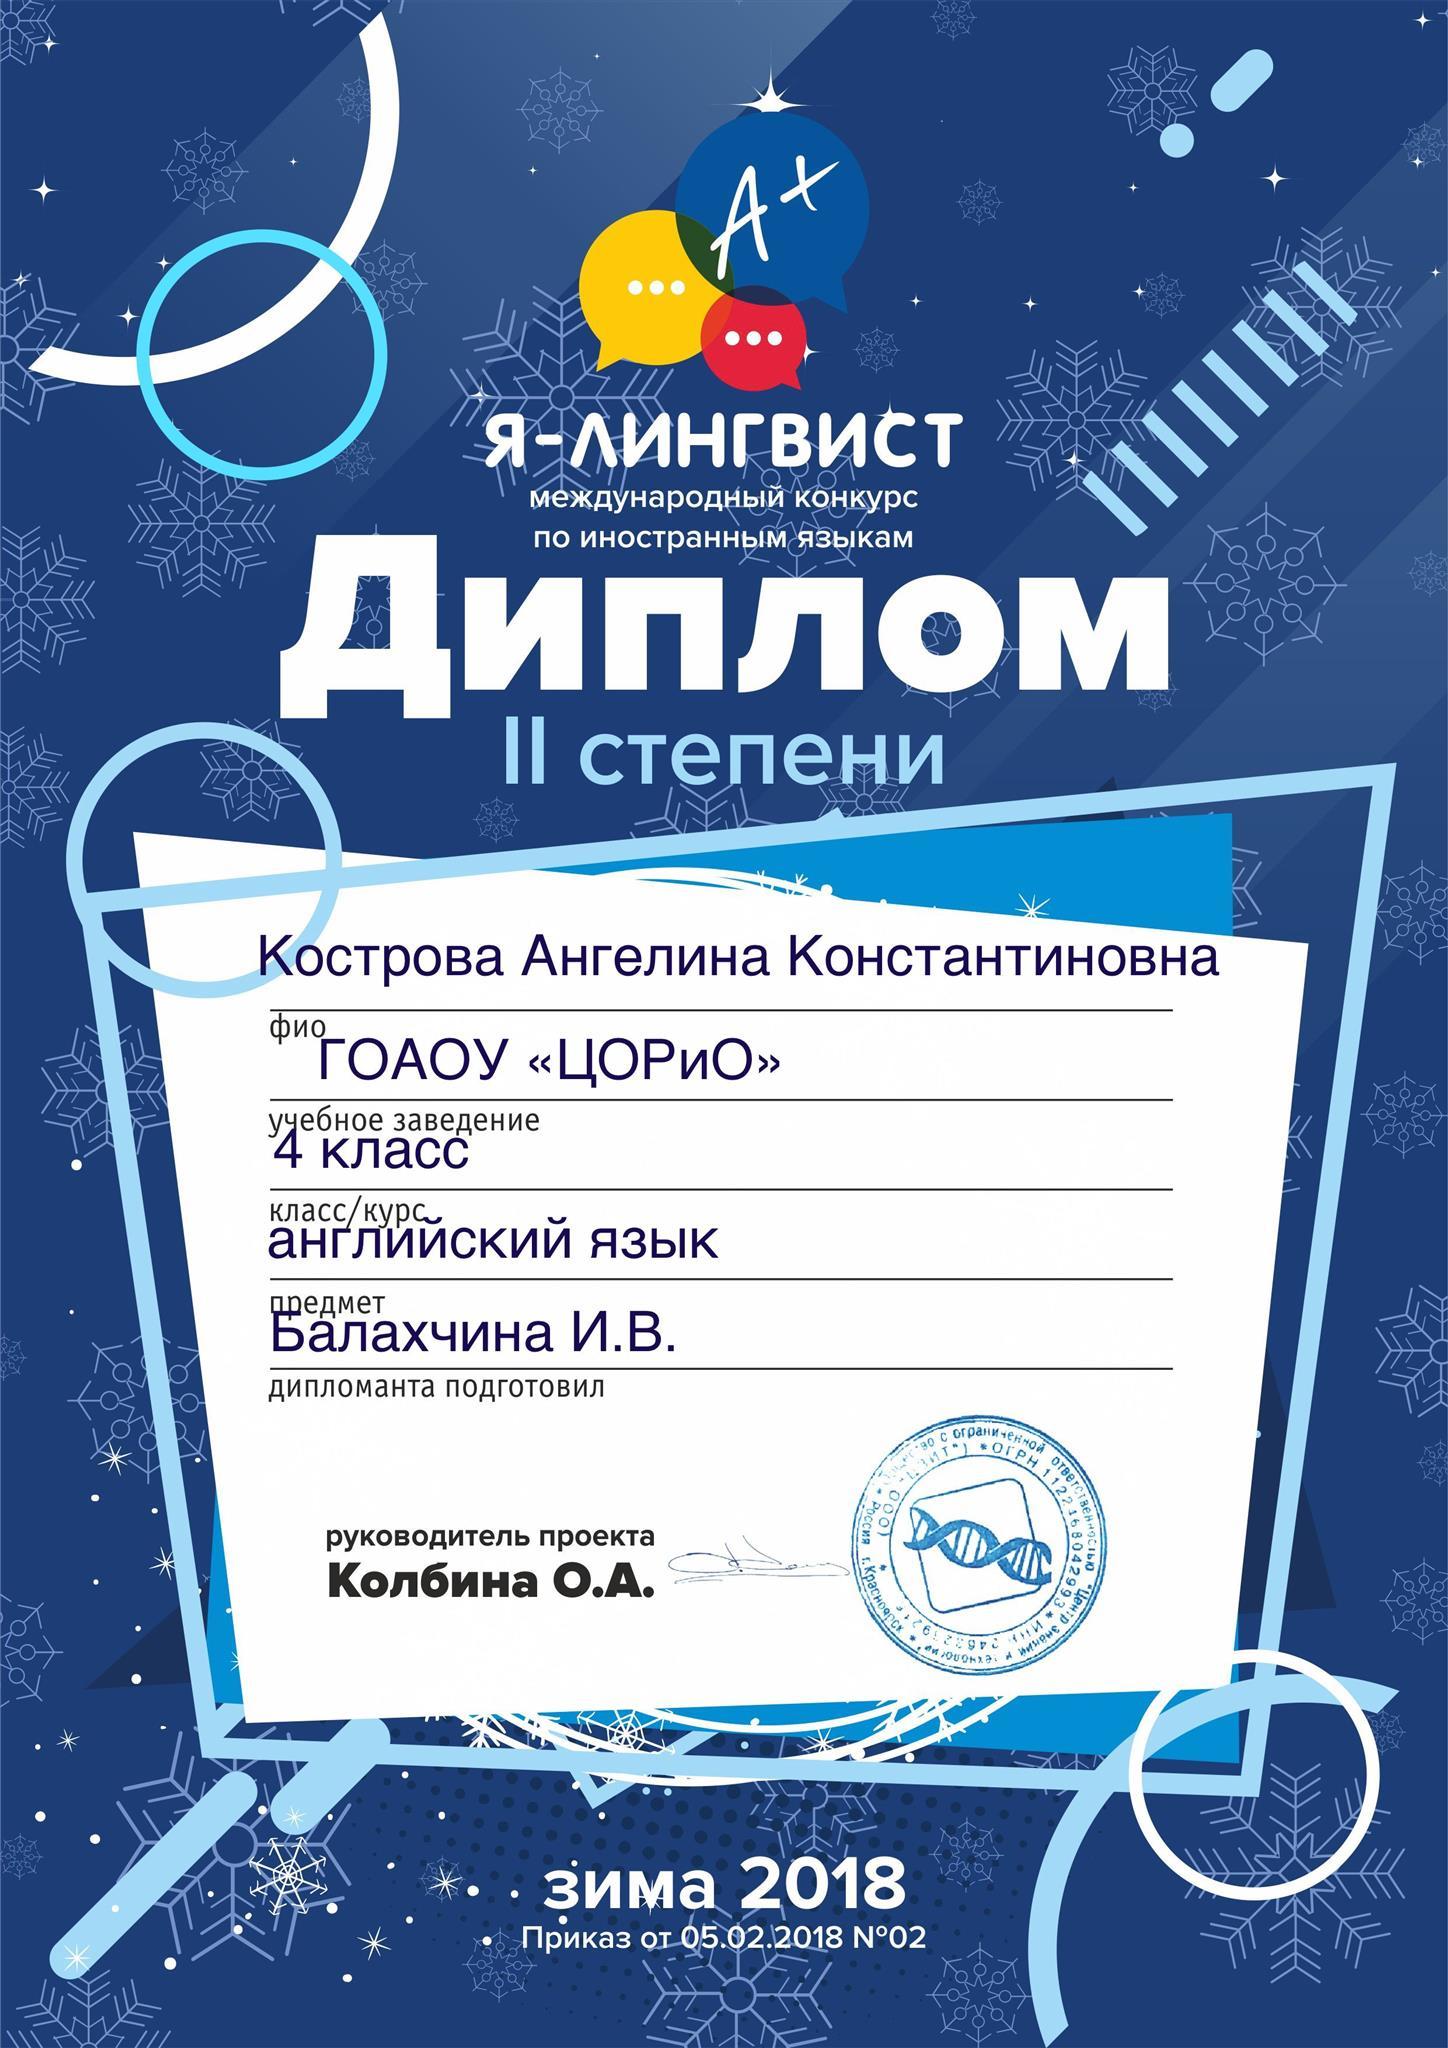 Итоги Международного конкурса по иностранным языкам «Я-лингвист»